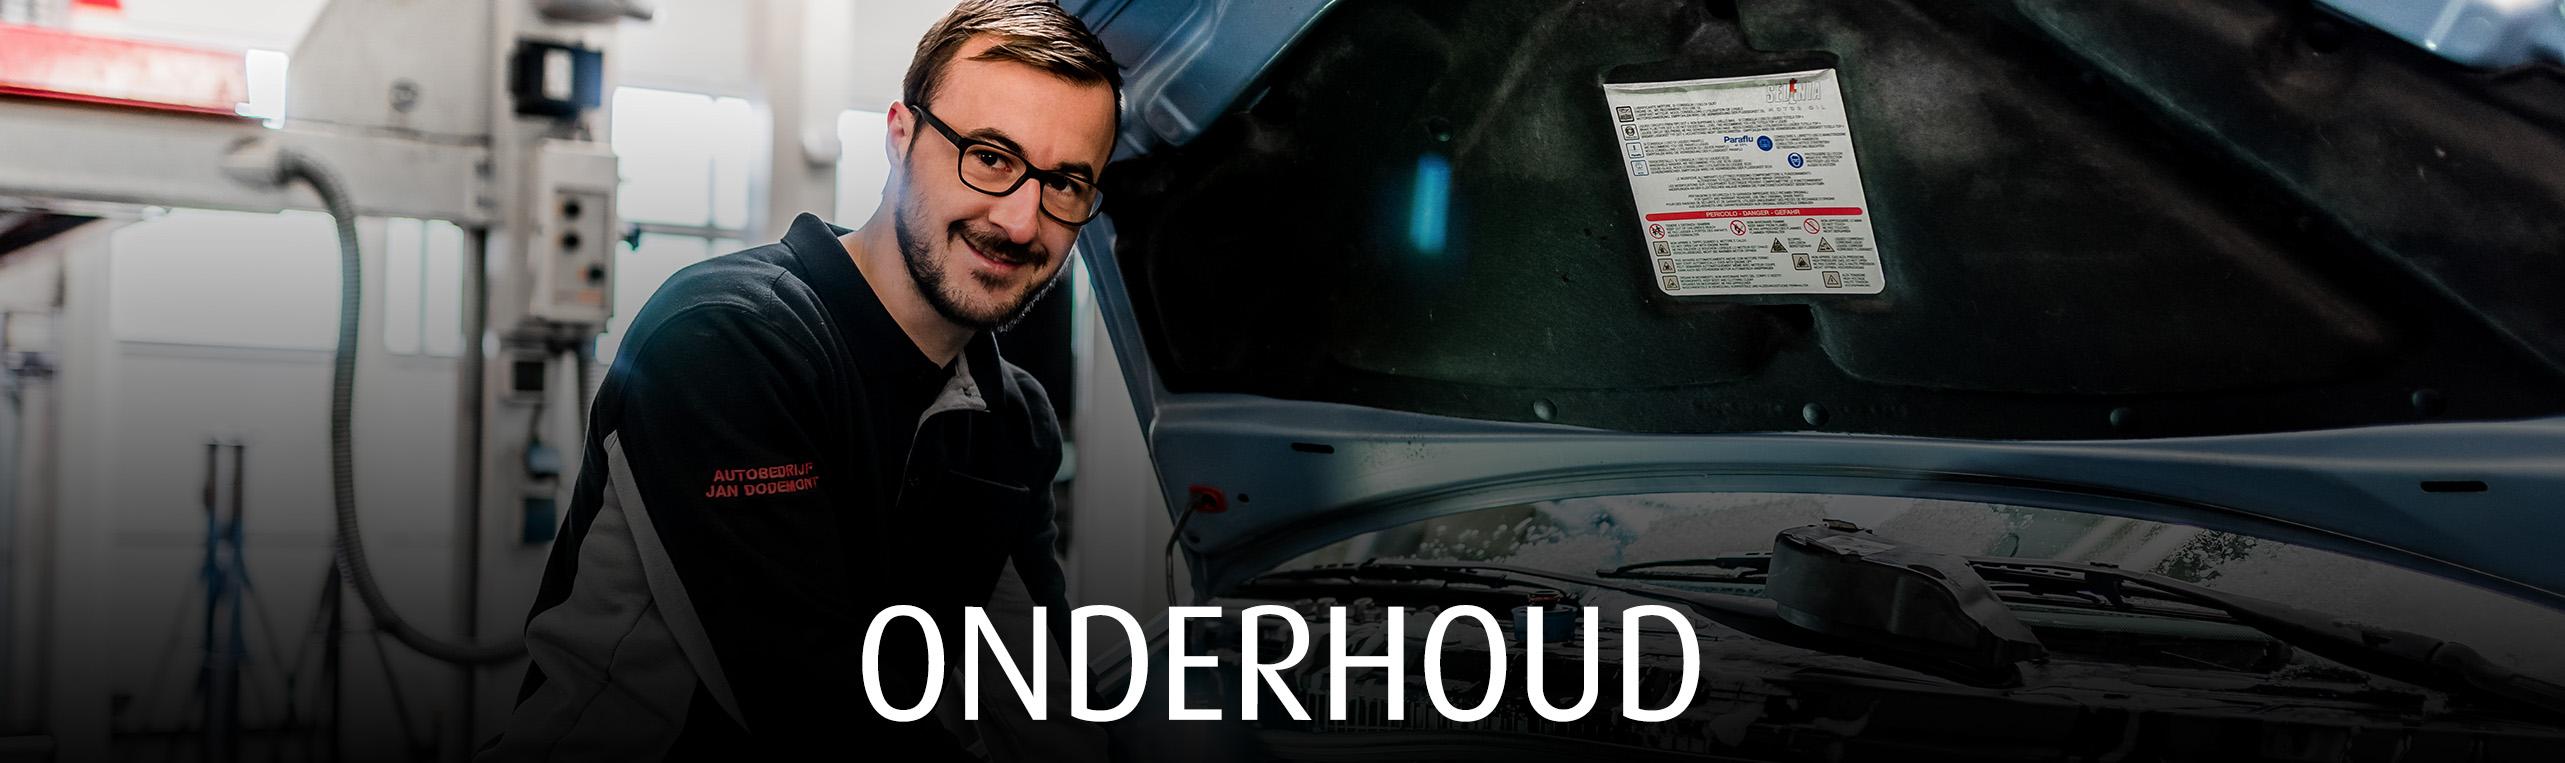 Onderhoud autobedrijf Jan Dodemont garage in Eijsden